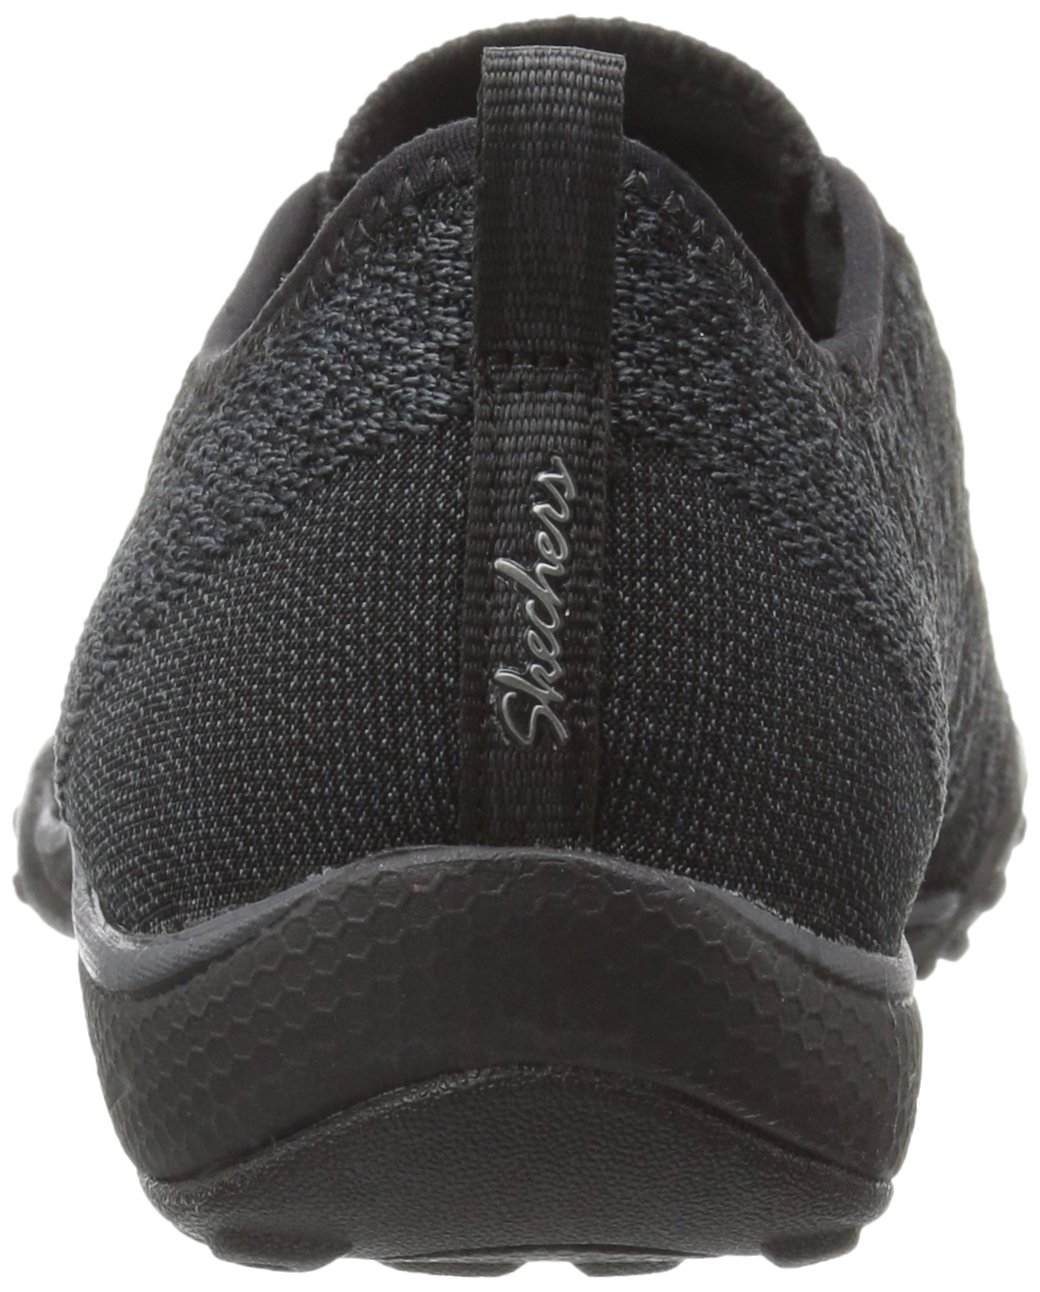 Skechers Sport Women's Breathe Easy Fortune Fashion Sneaker,Black Knit,5.5 M US by Skechers (Image #2)